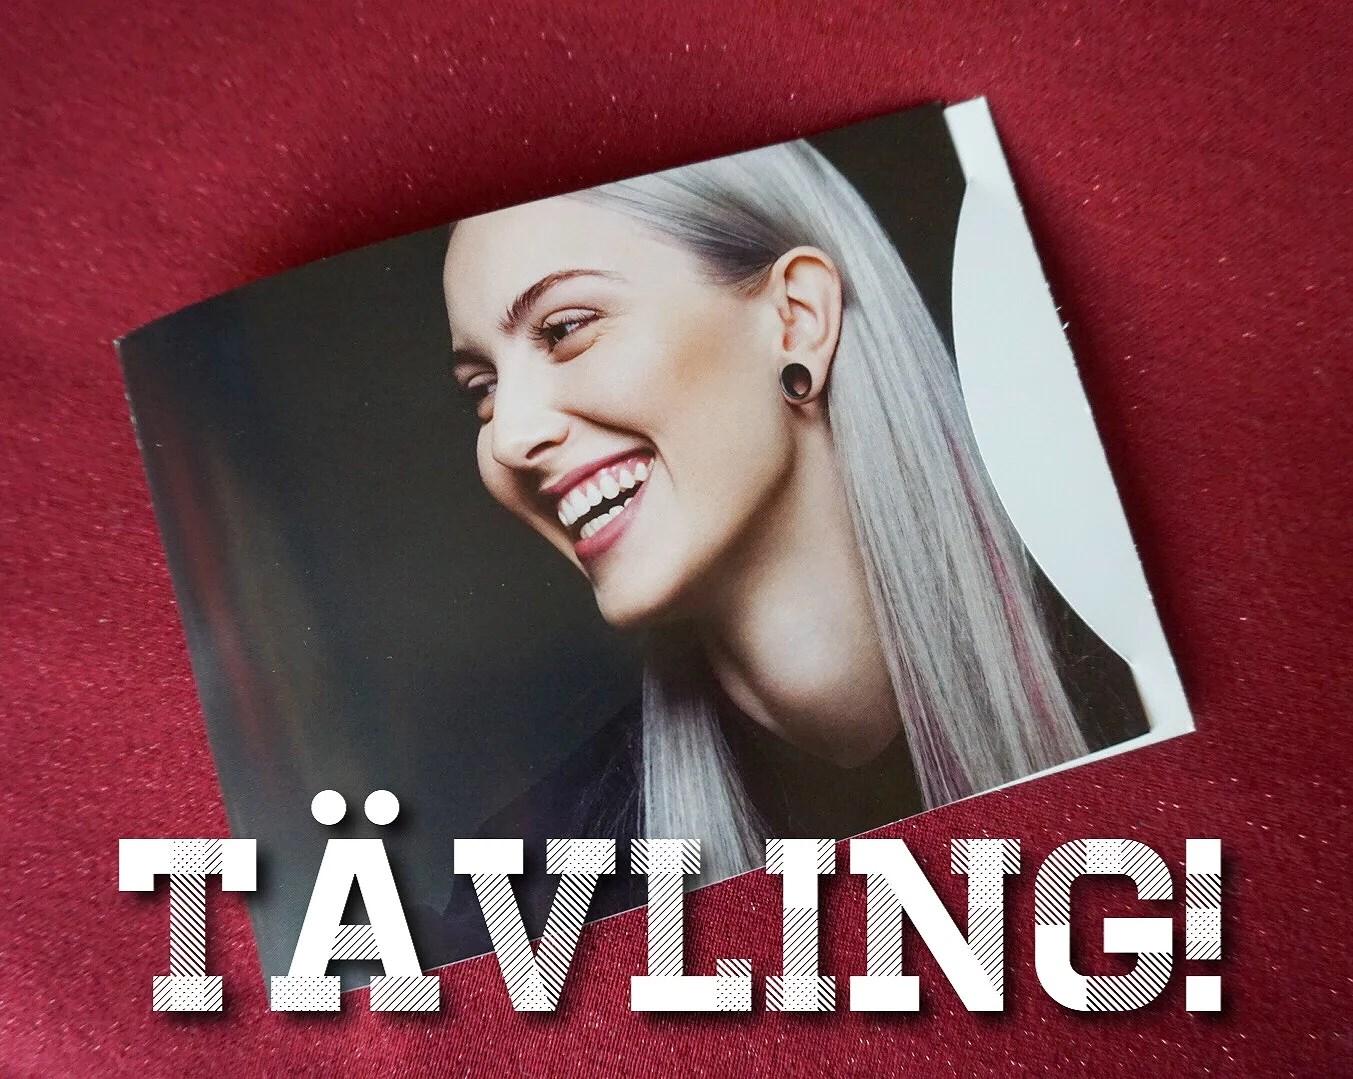 Tävling - Hårklippning & lyx!